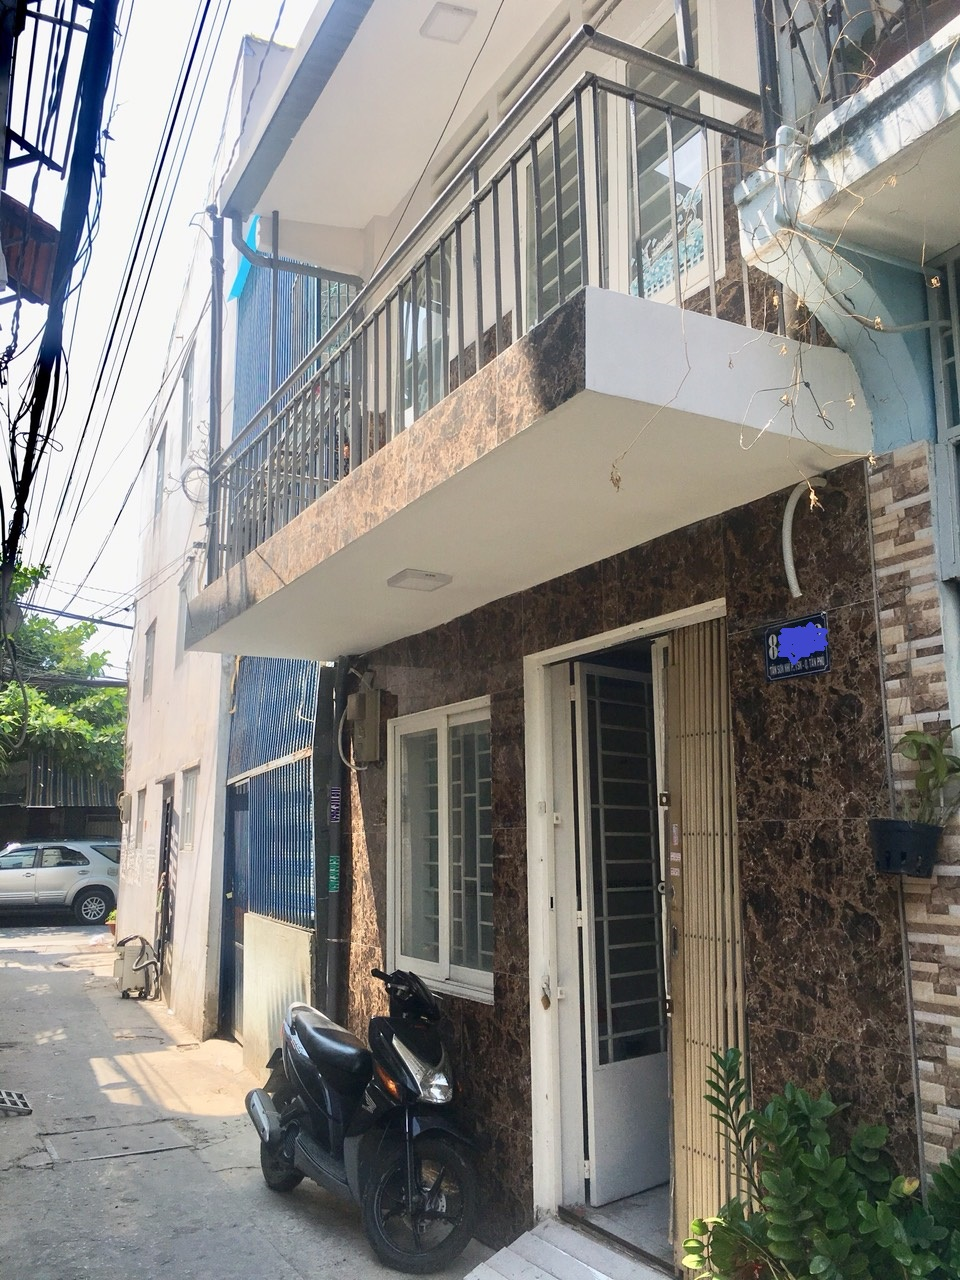 Bán nhà hẻm 84 Tân Sơn Nhì quận Tân Phú dưới 3 tỷ, 1 lầu 2 PN